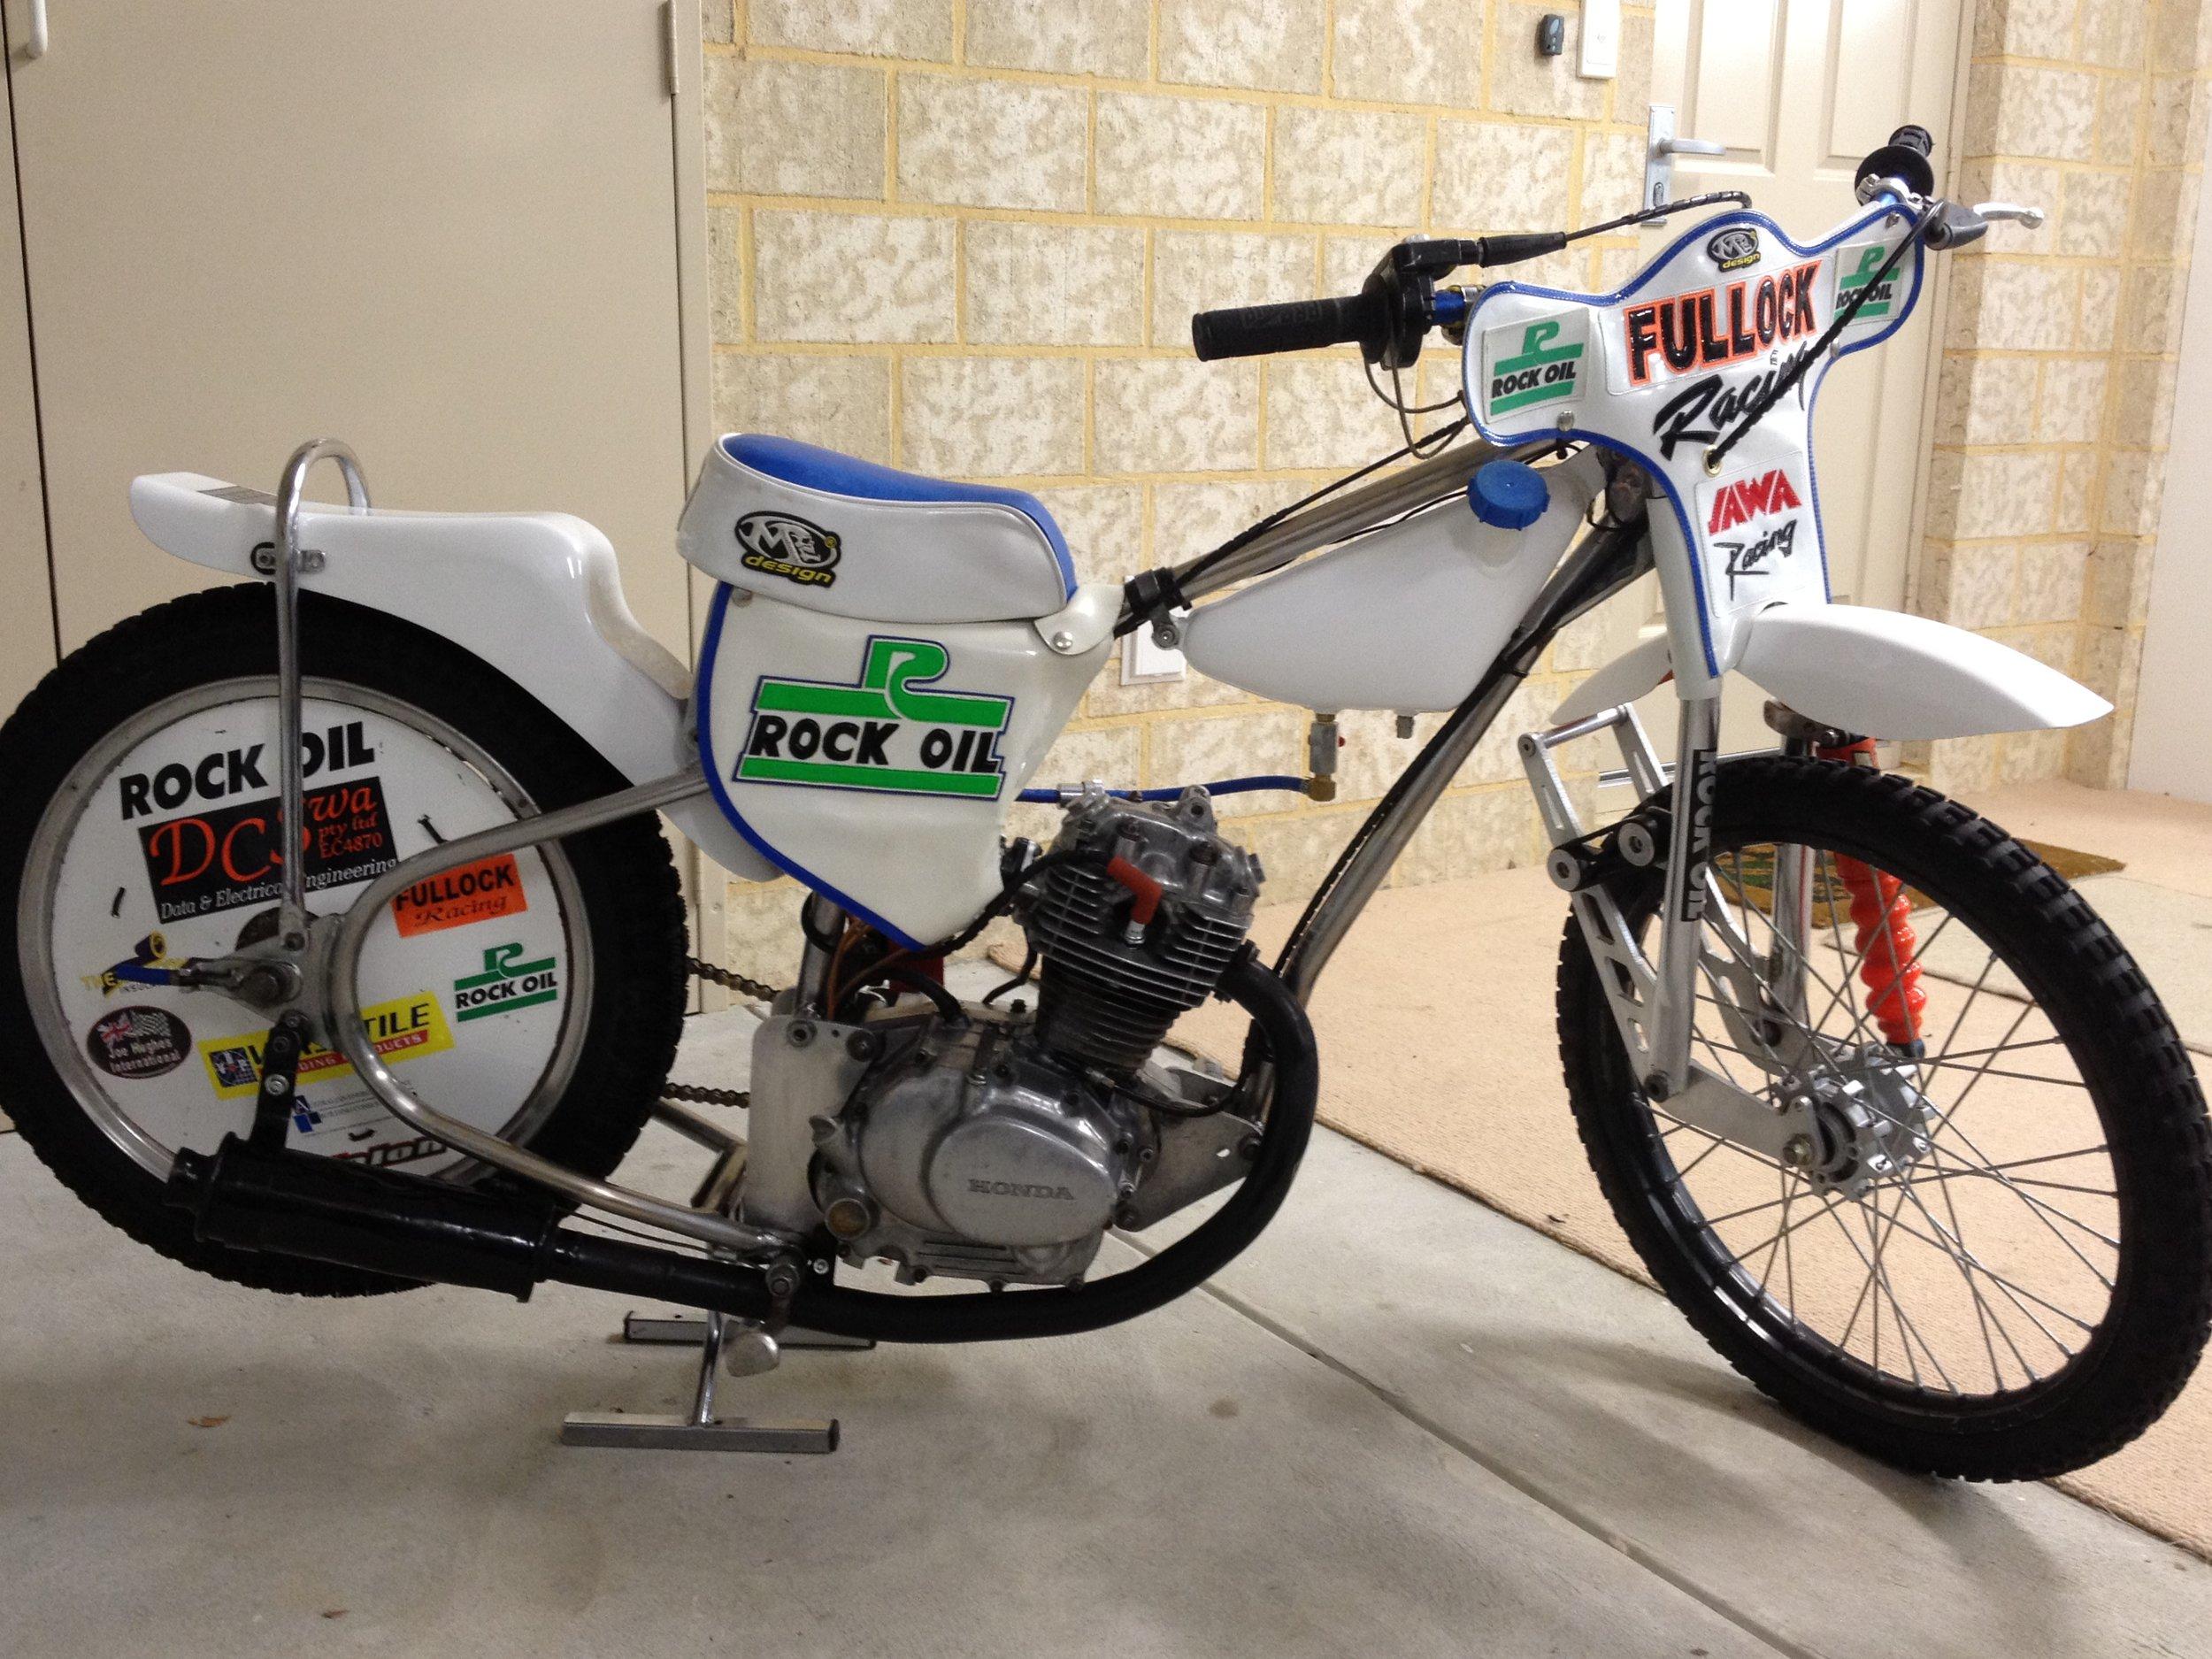 First bike, Honda 125cc (2).jpg